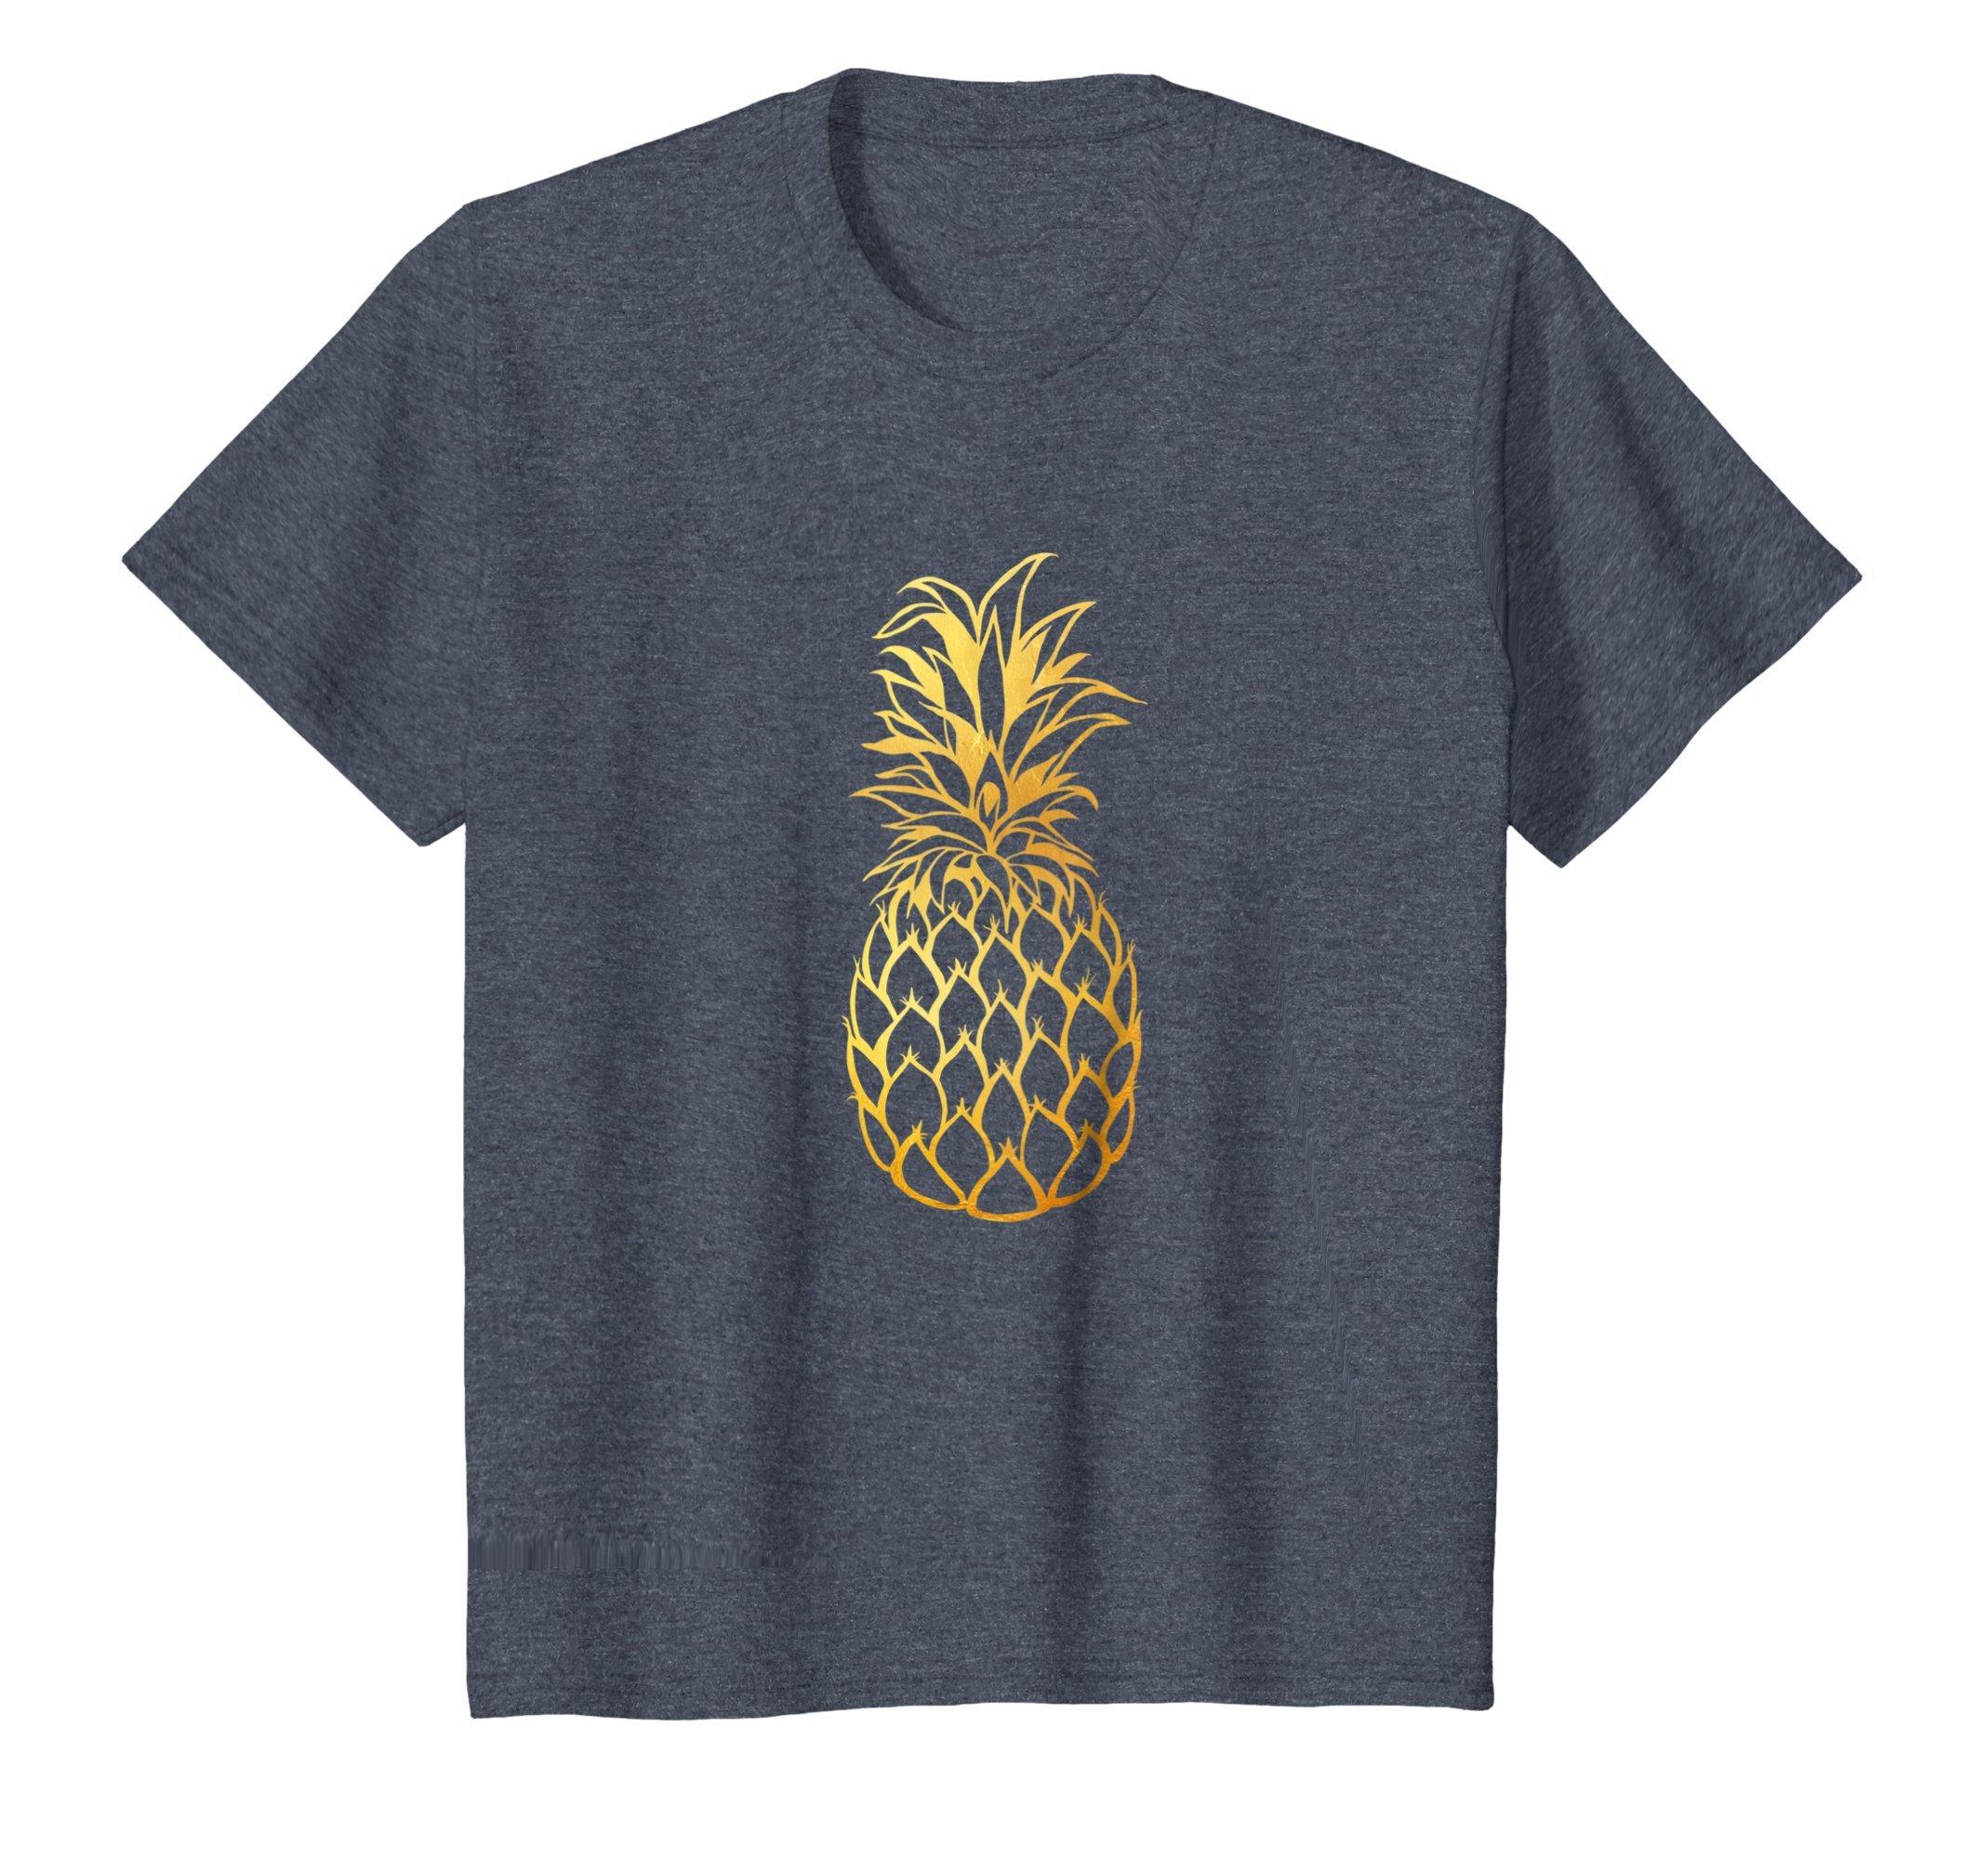 Kids Gold Pineapple | Cute & Modern | Fine-Apple Z000010 10 Heather Blue